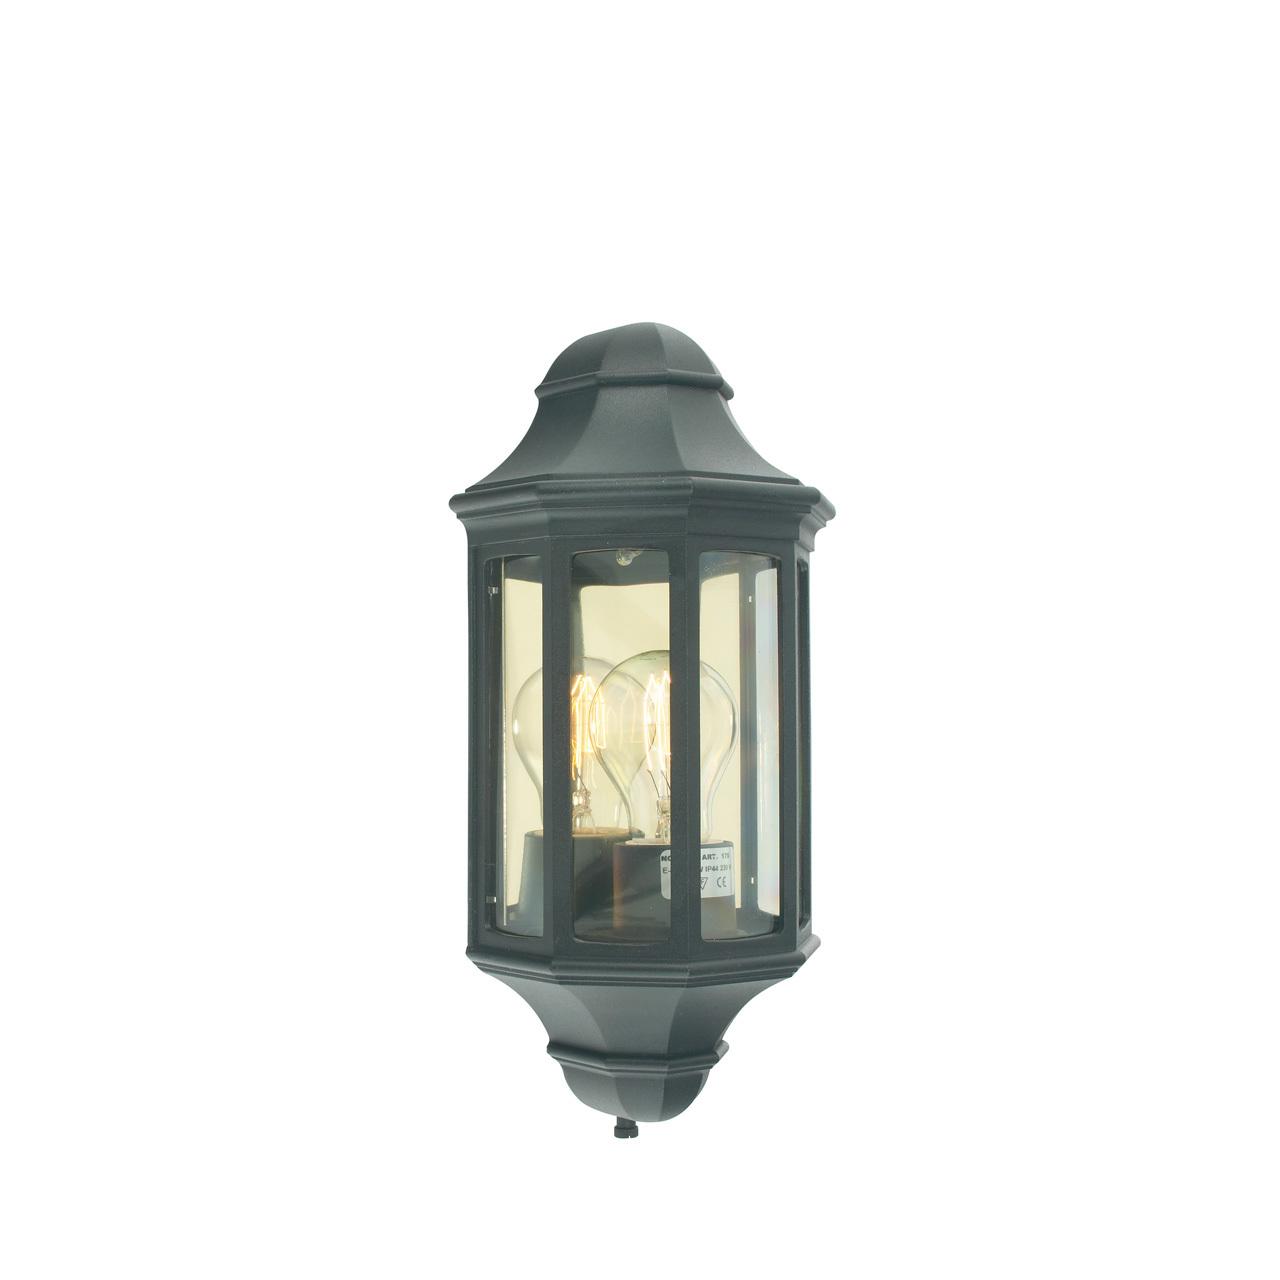 Lampa ścienna GENOVA MINI 175B -Norlys  SPRAWDŹ RABATY  5-10-15-20 % w koszyku